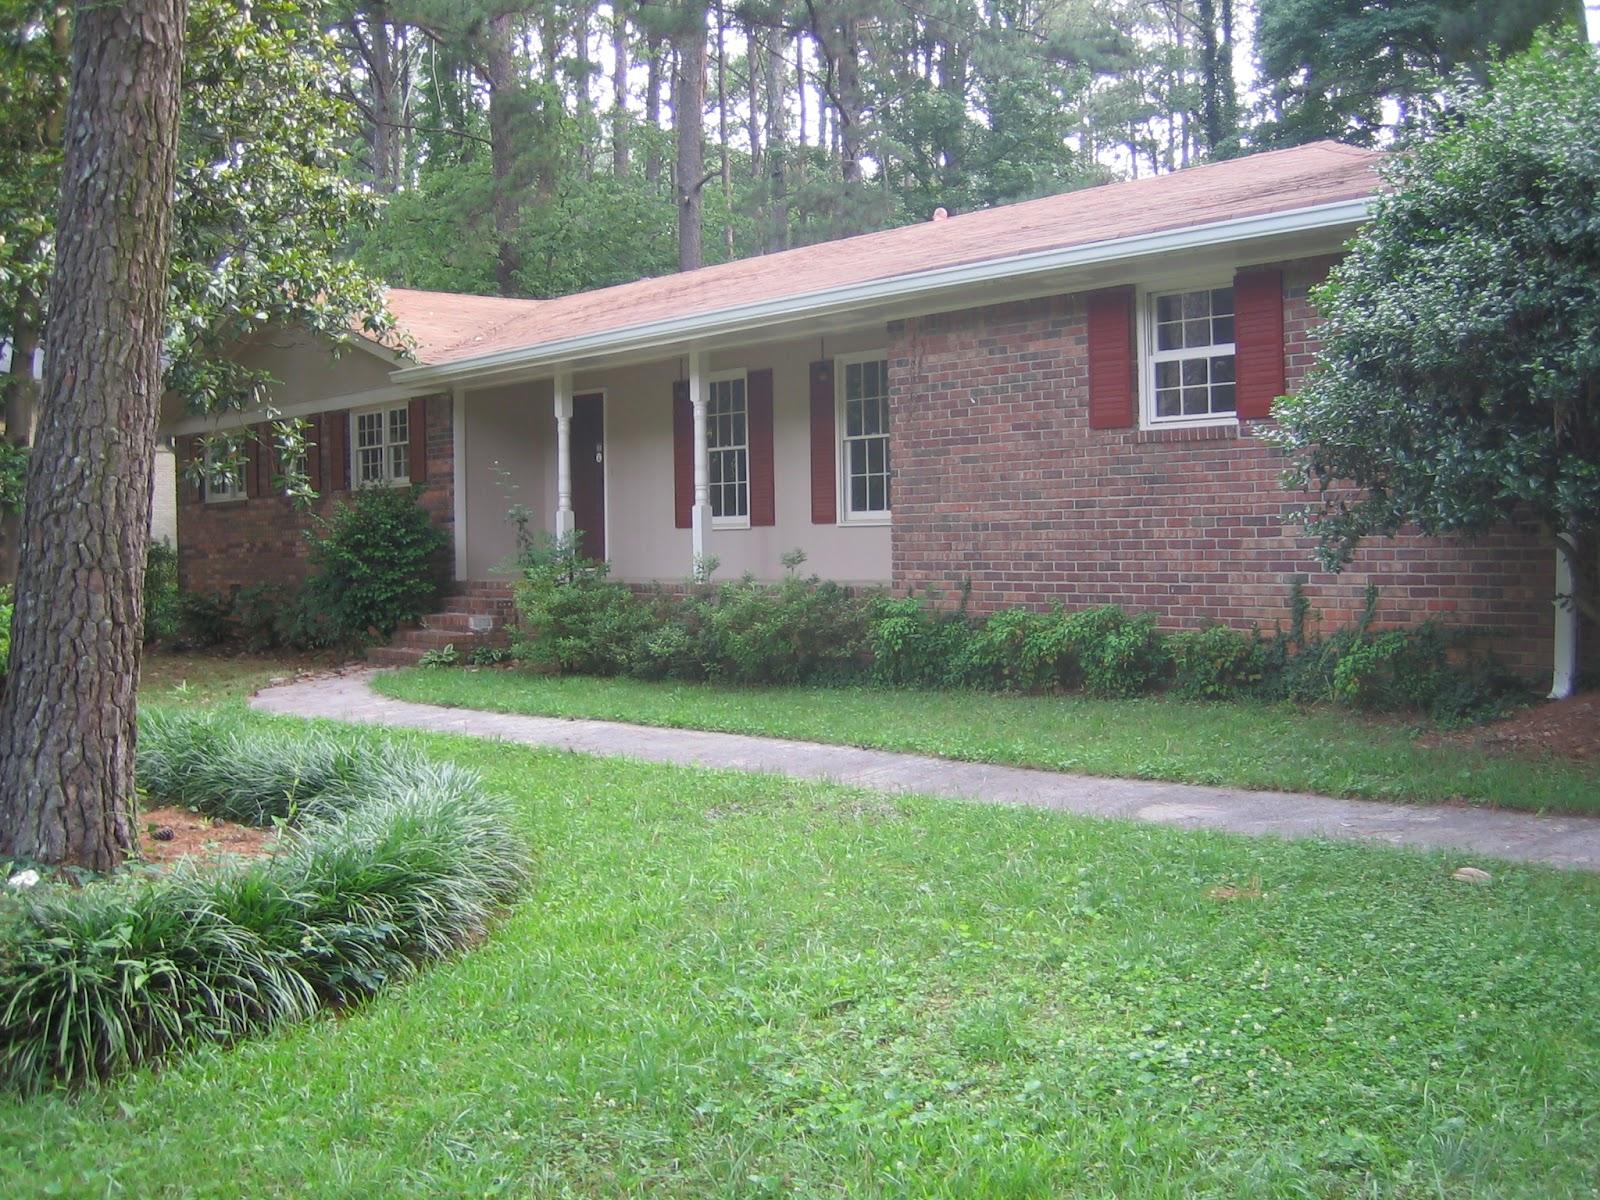 k nurture home renovation before after